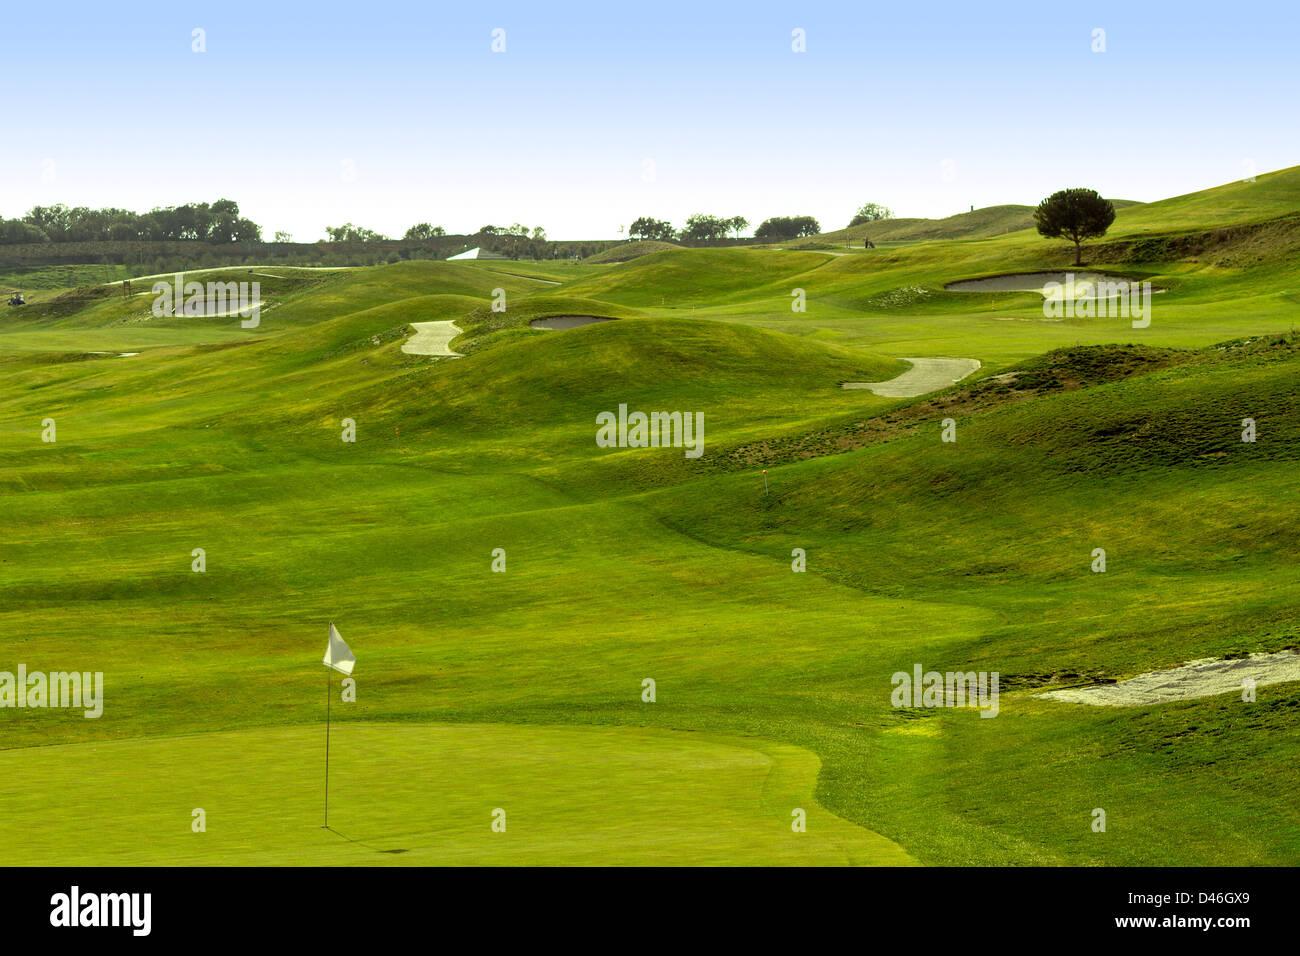 Un bellissimo campo da golf a Madrid Immagini Stock